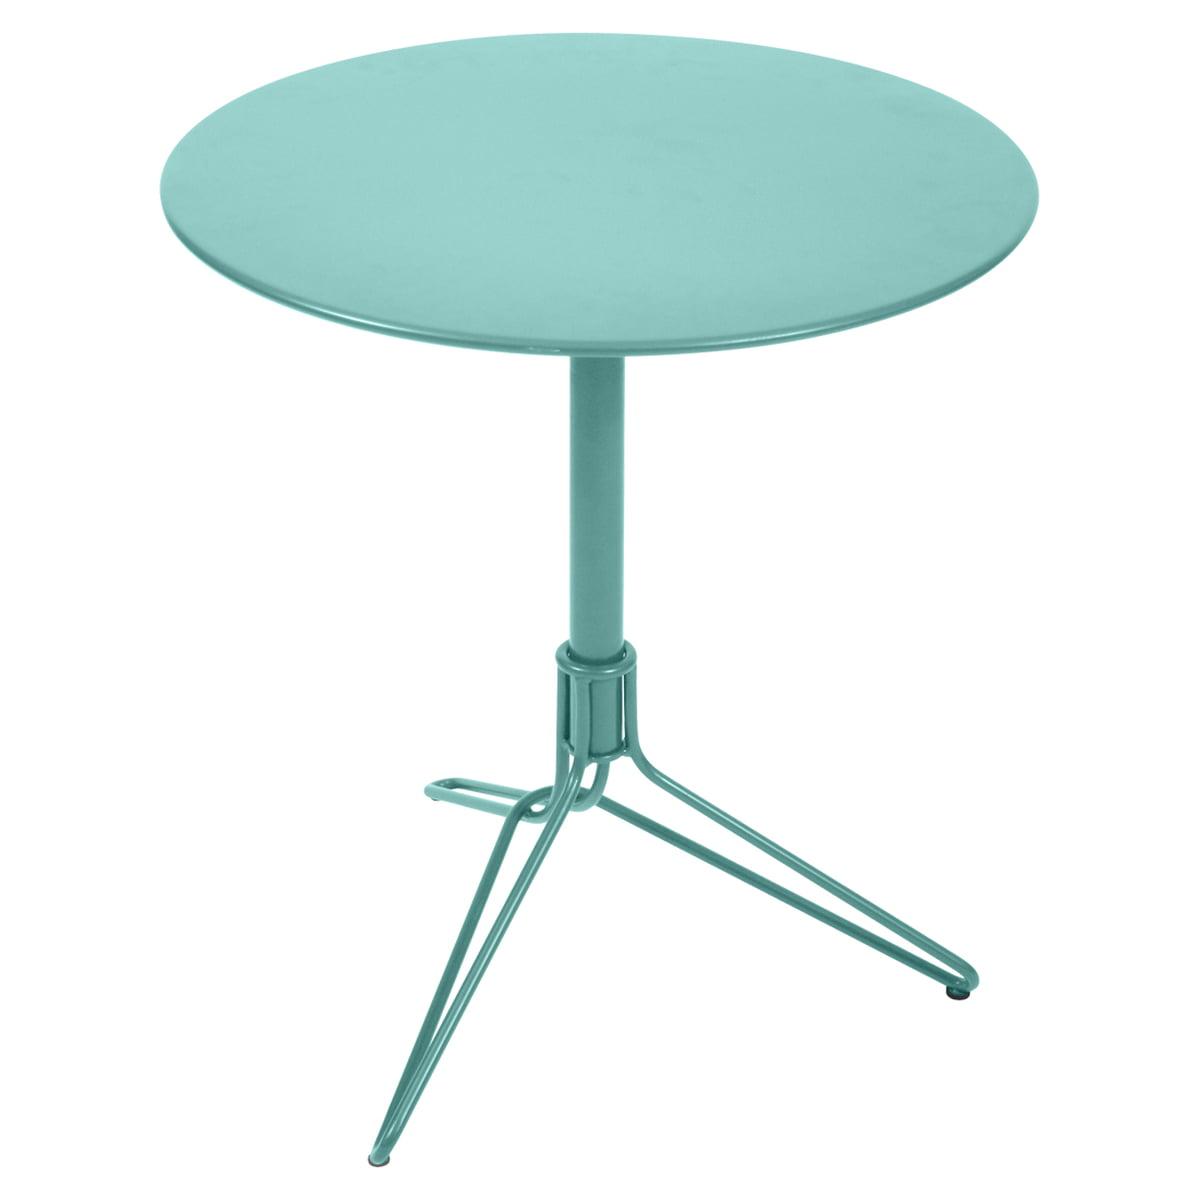 Fermob - Flower Bistrotisch, rund, Ø 67 cm, türkisblau | Küche und Esszimmer > Bar-Möbel > Bar-Stehtische | fermob